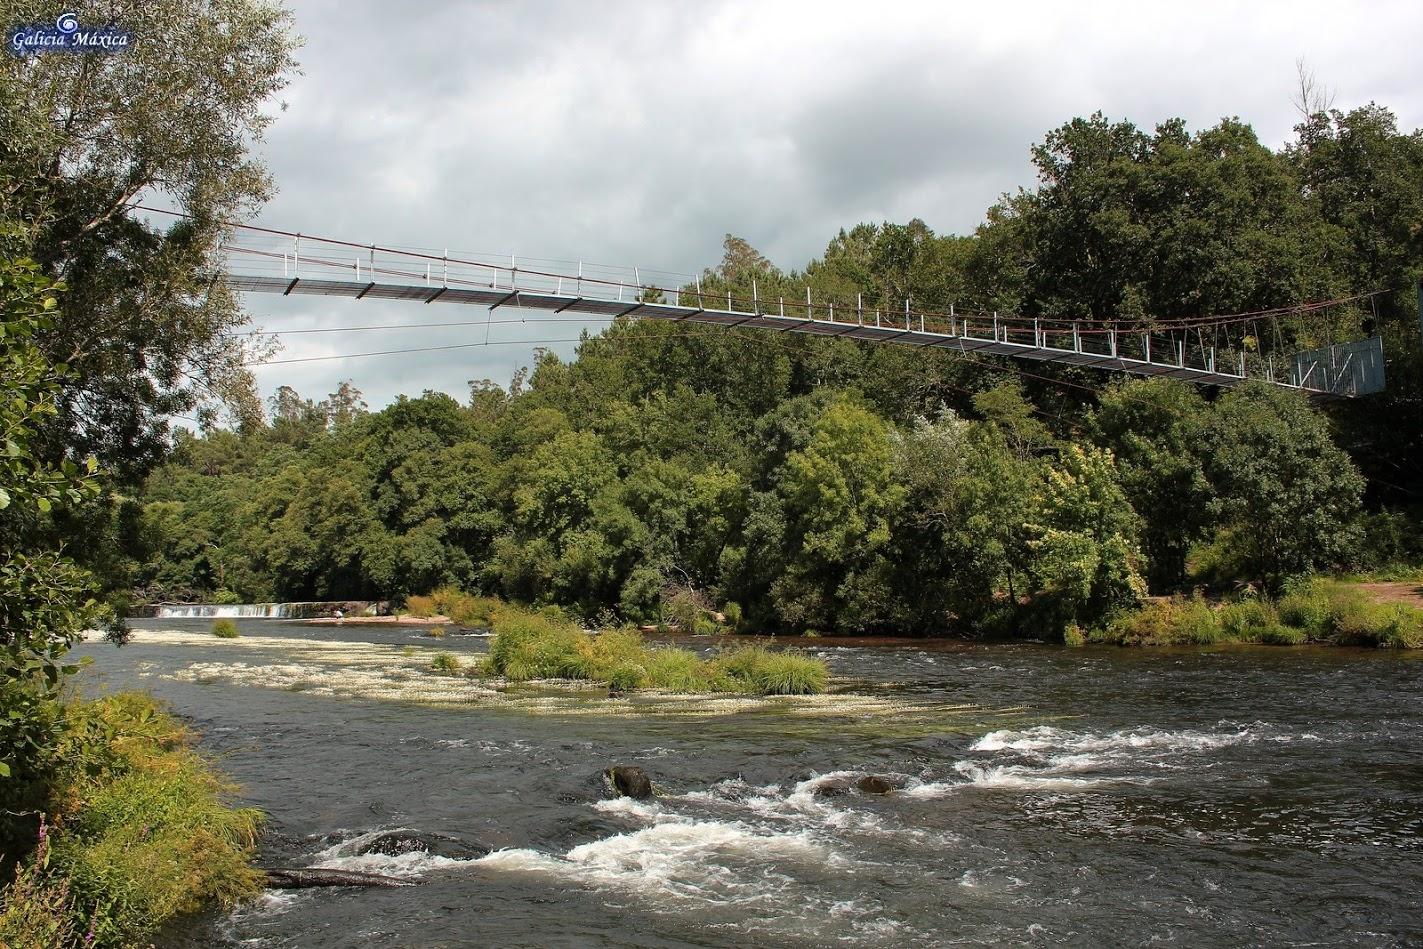 Puente colgante de O Xirimbao